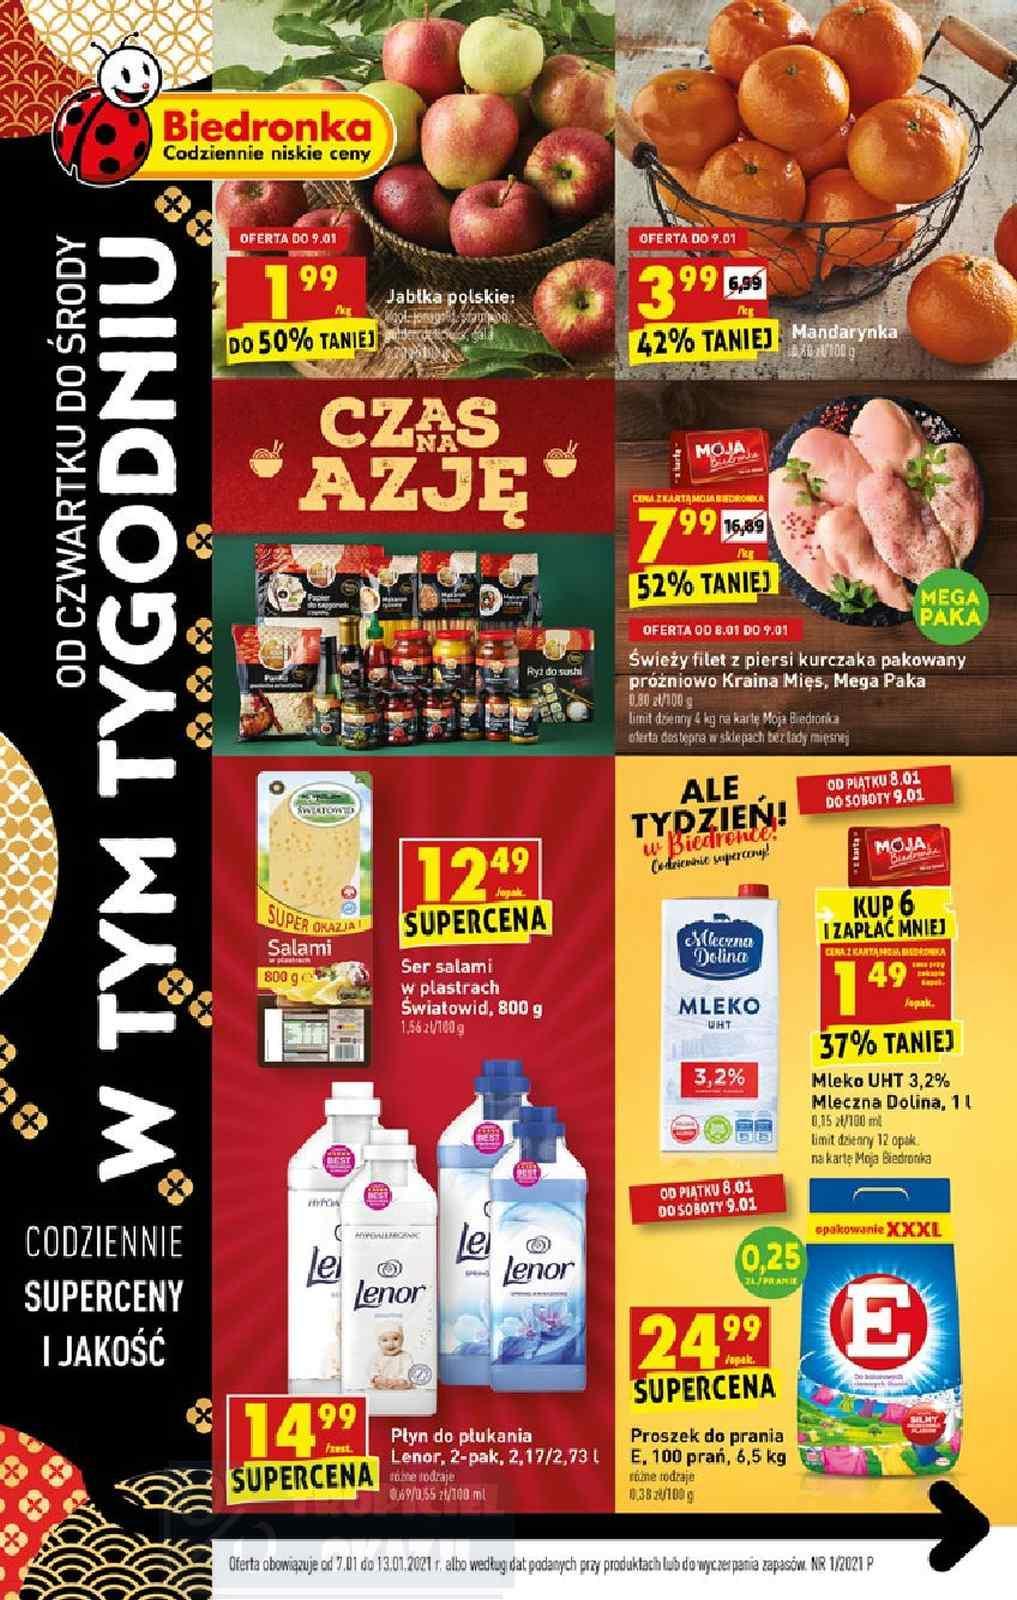 Gazetka promocyjna Biedronka do 13/01/2021 str.1